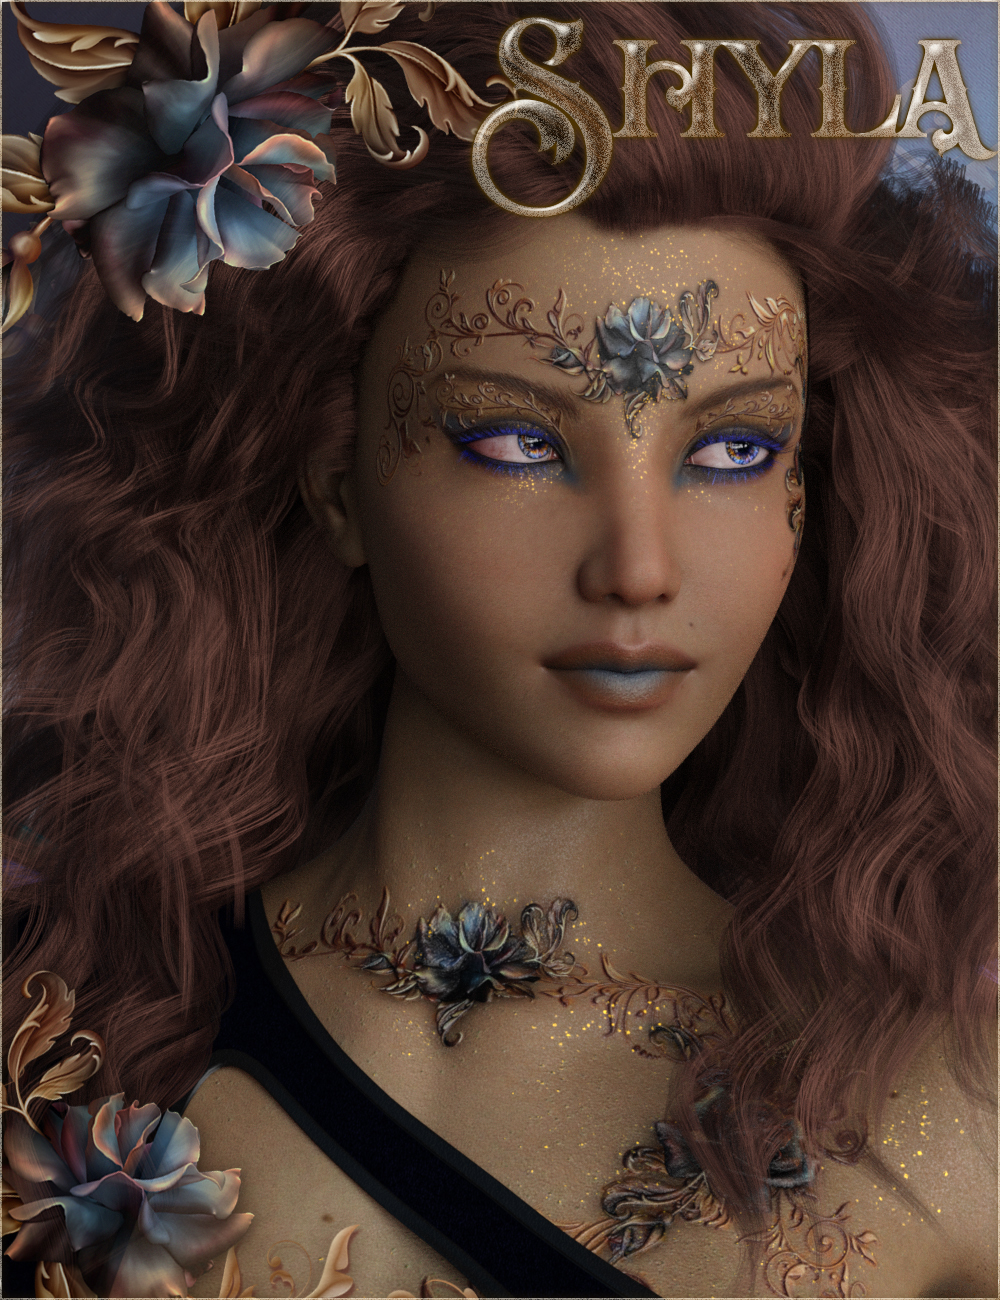 Shyla for Genesis 8 Female by: gypsyangelilona, 3D Models by Daz 3D